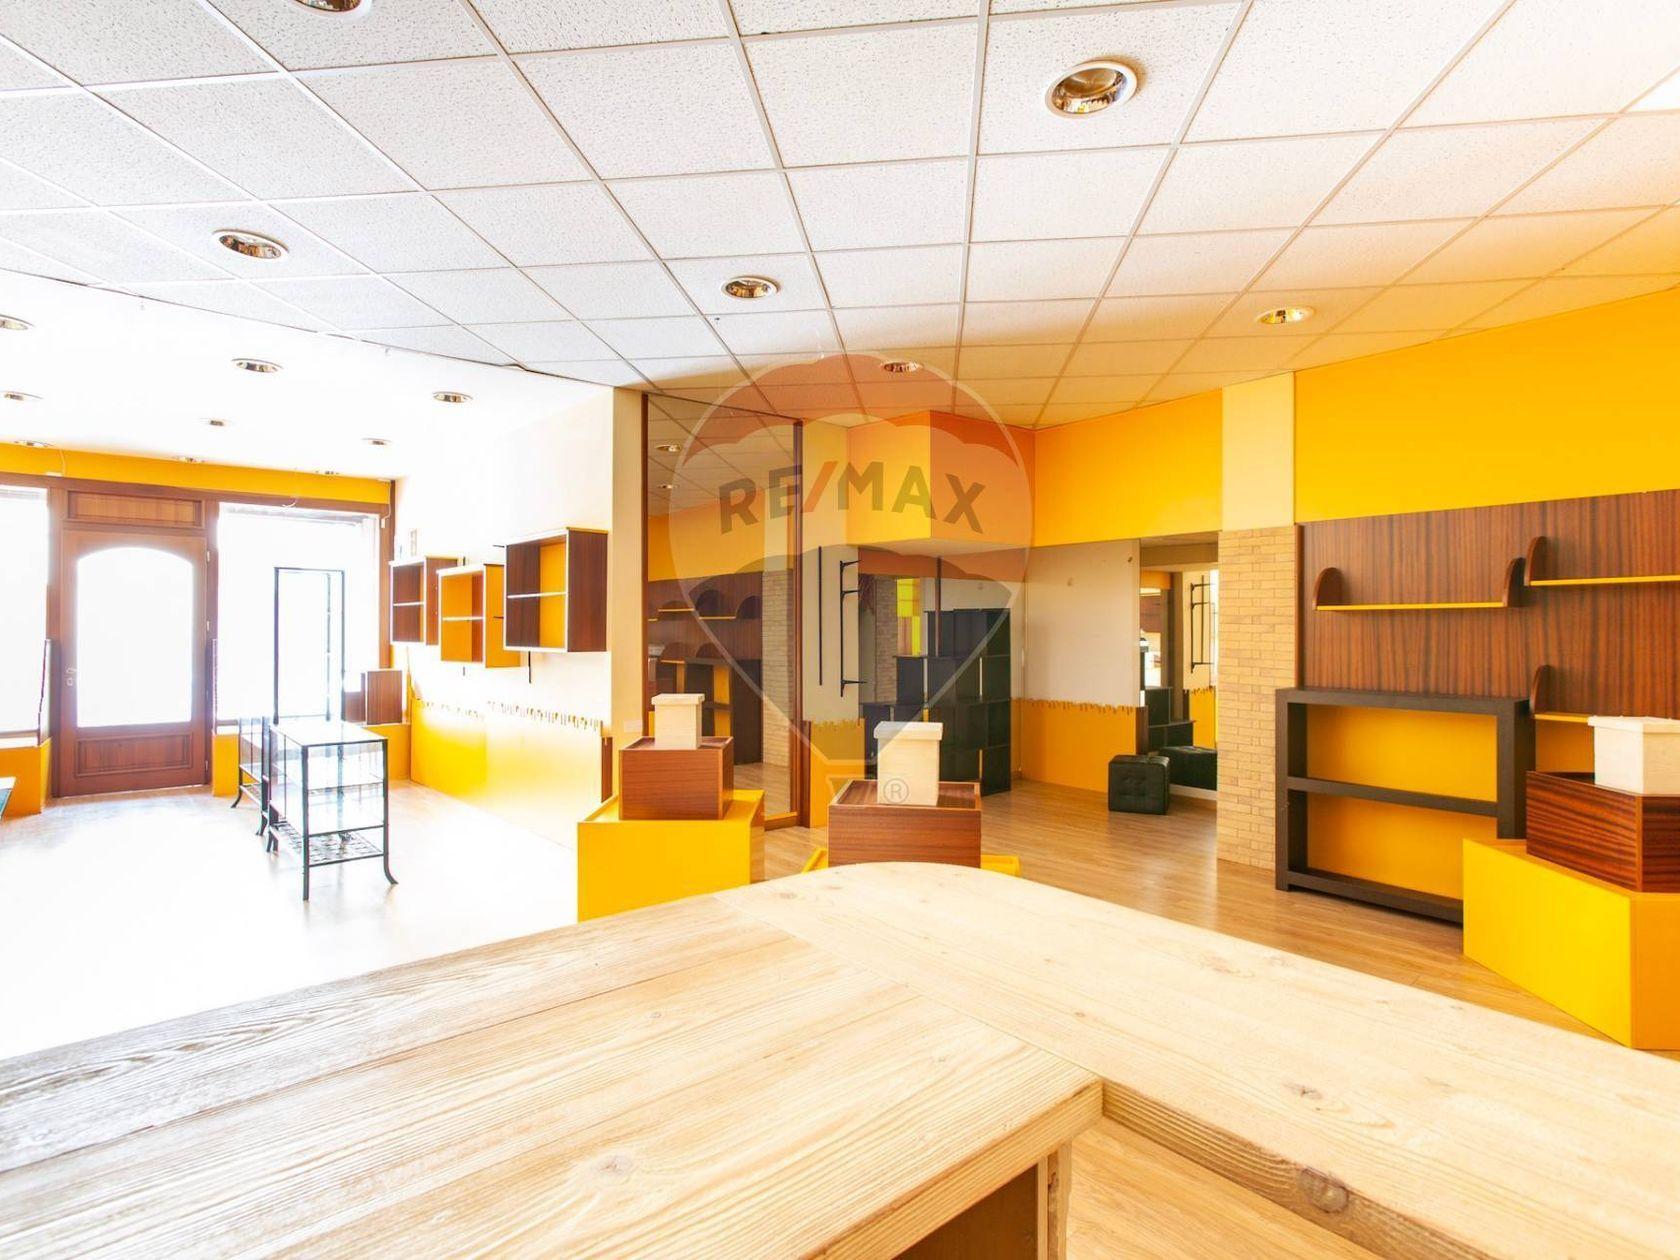 Locale Commerciale Zona Centro, Quartu Sant'Elena, CA Vendita - Foto 8